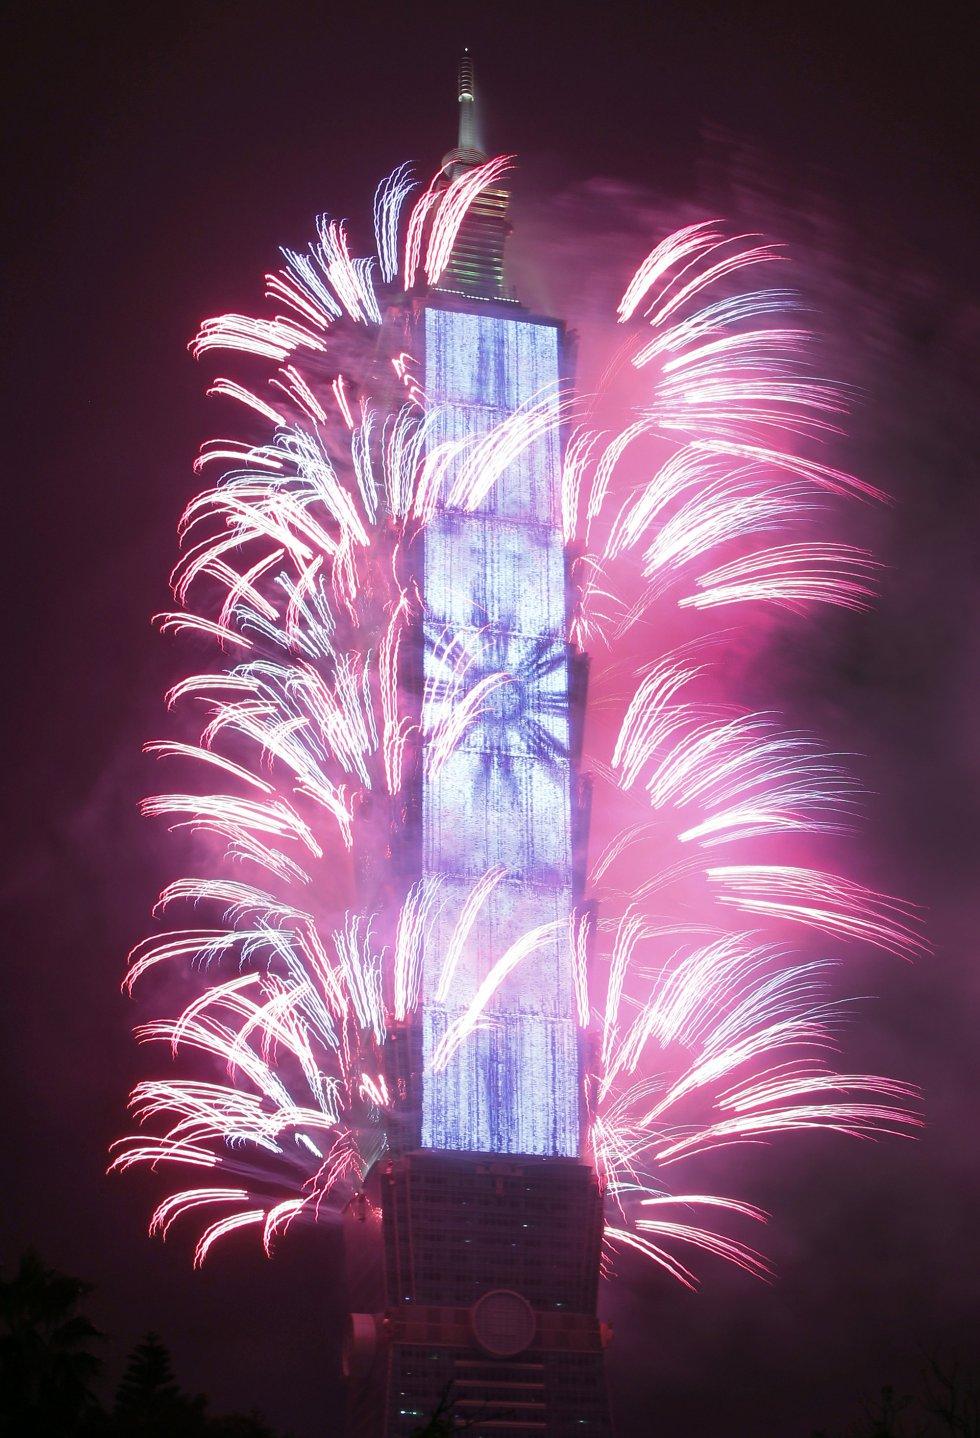 Fuegos artificiales salen de la torre Taipei 101 durante las celebraciones del Año Nuevo en Taipe (Taiwán).